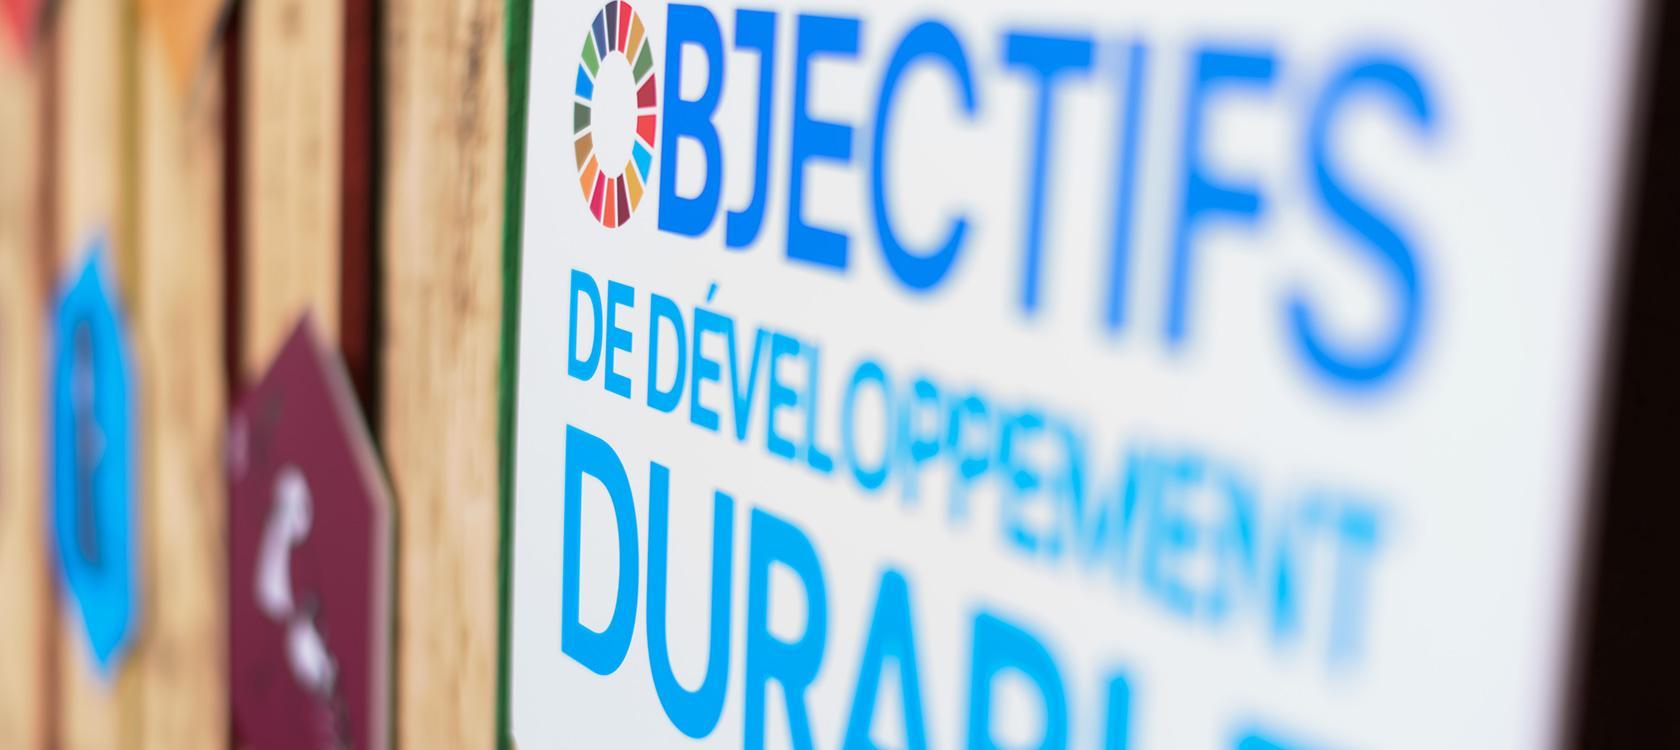 Développement durable: Les principales réalisations concrétisées par le Maroc